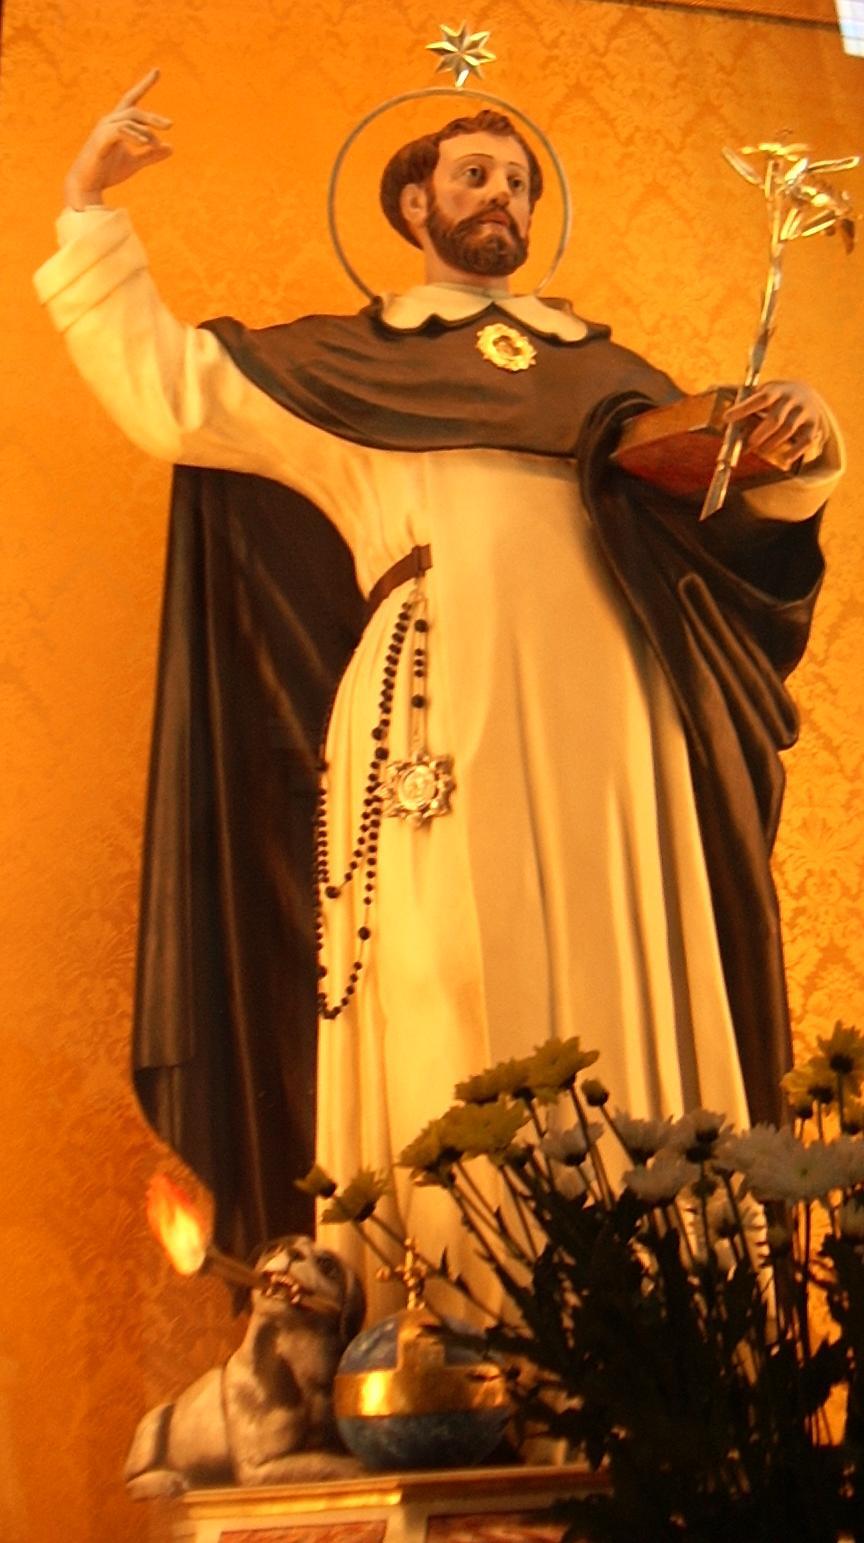 la chiesa e gli omosessuali Marano di Napoli